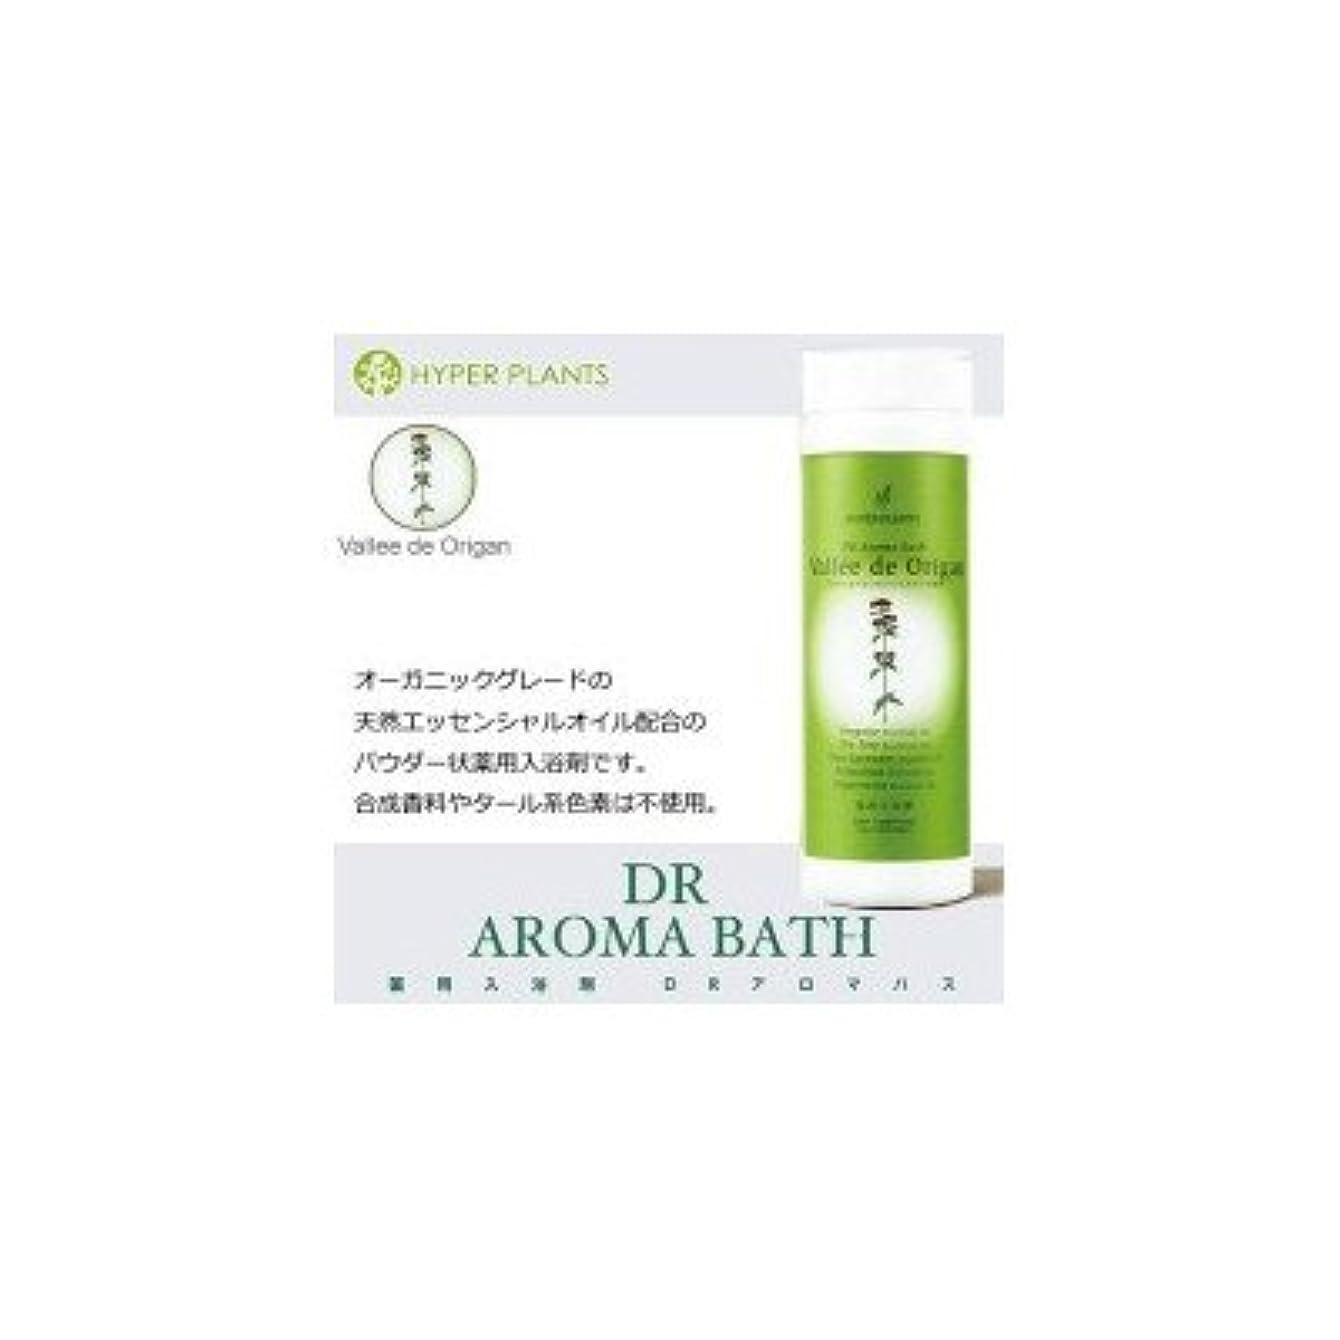 一族八一般的な医薬部外品 薬用入浴剤 ハイパープランツ(HYPER PLANTS) DRアロマバス ヴァレドオリガン 500g HN0218